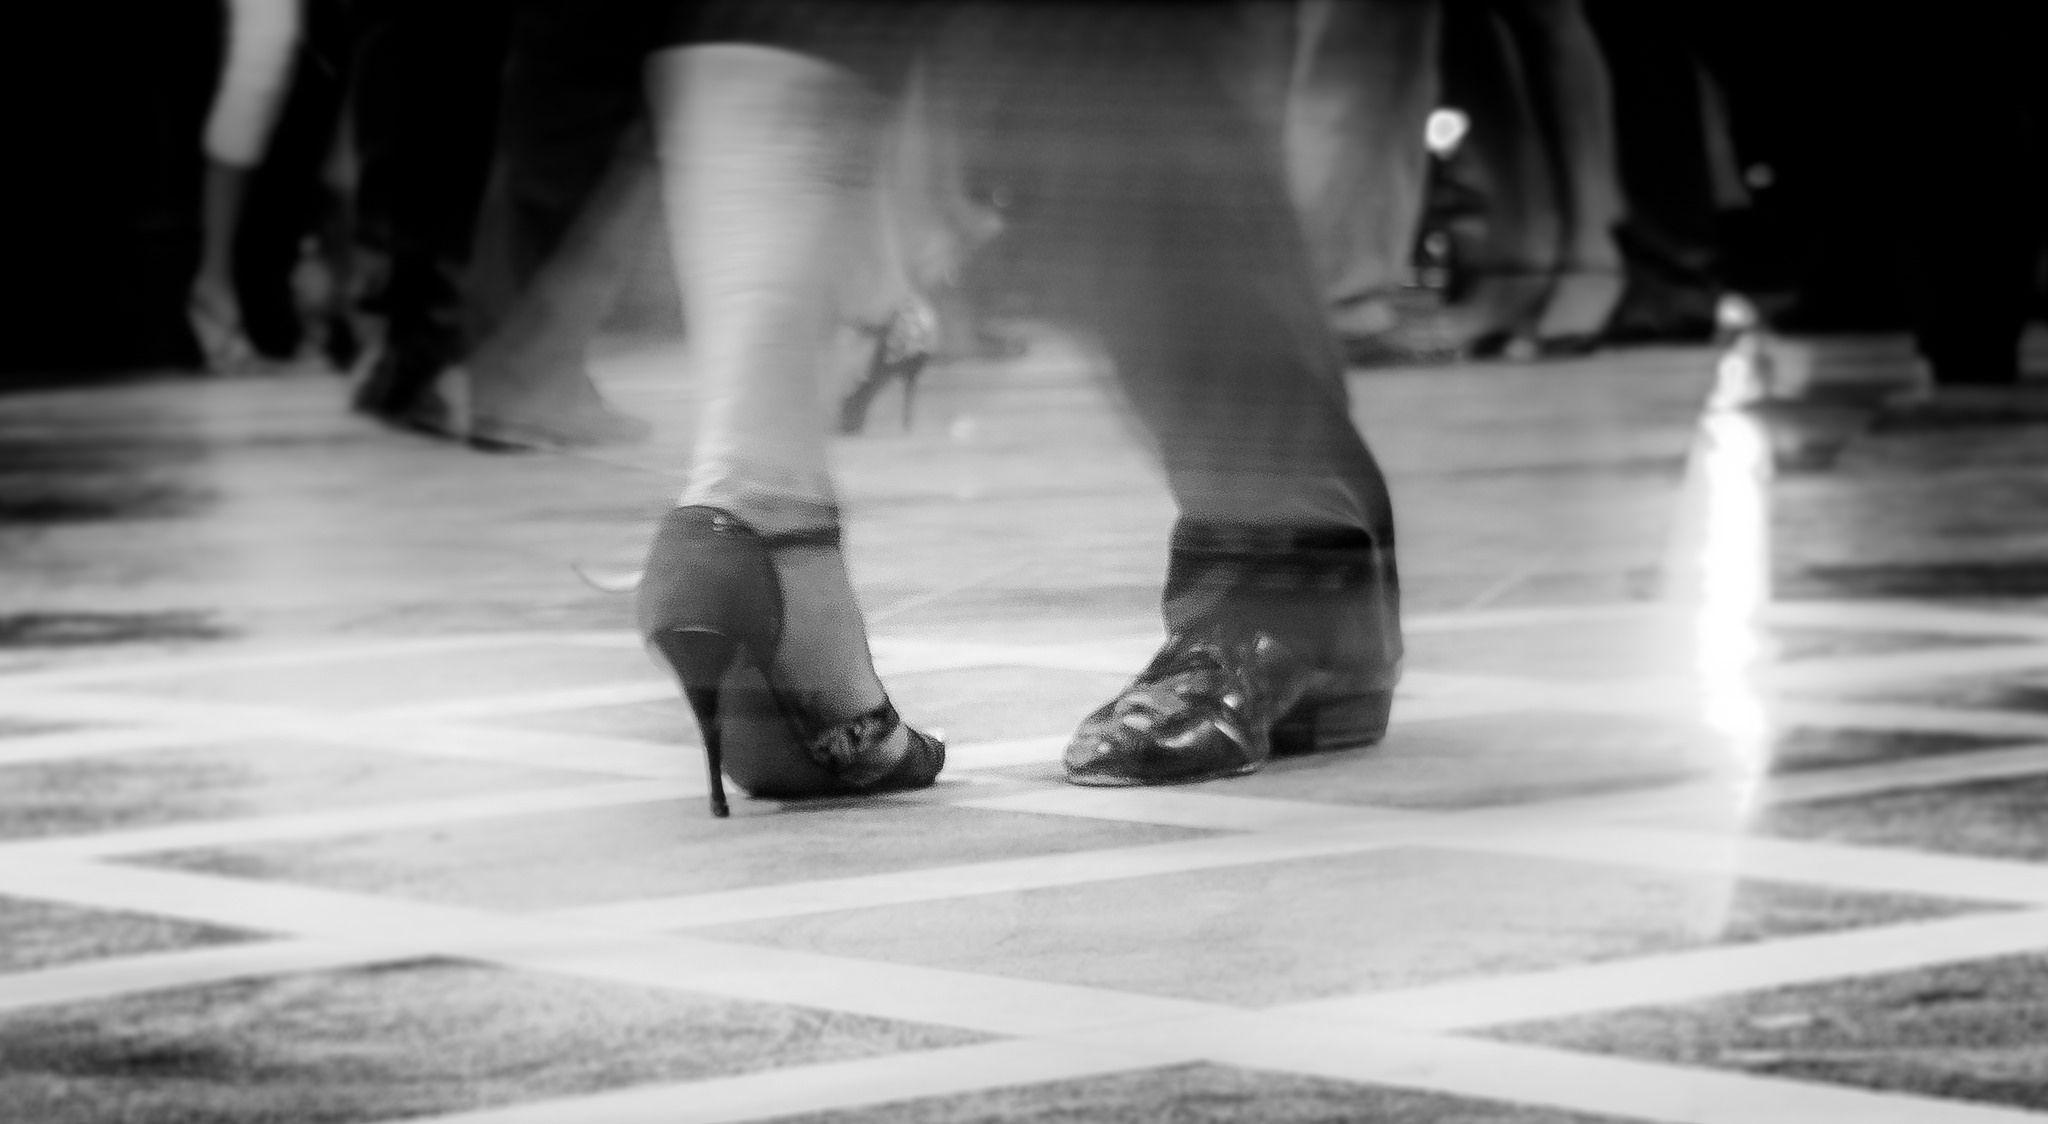 https://flic.kr/p/SsW7ss | Tango Steps no. 3 (Buenos Aires, Argentina. Gustavo Thomas © 2016) | Pasos de Tango no. 3 / Tango Steps no. 3  (Buenos Aires, Argentina. #Photograph by Gustavo Thomas © 2016)